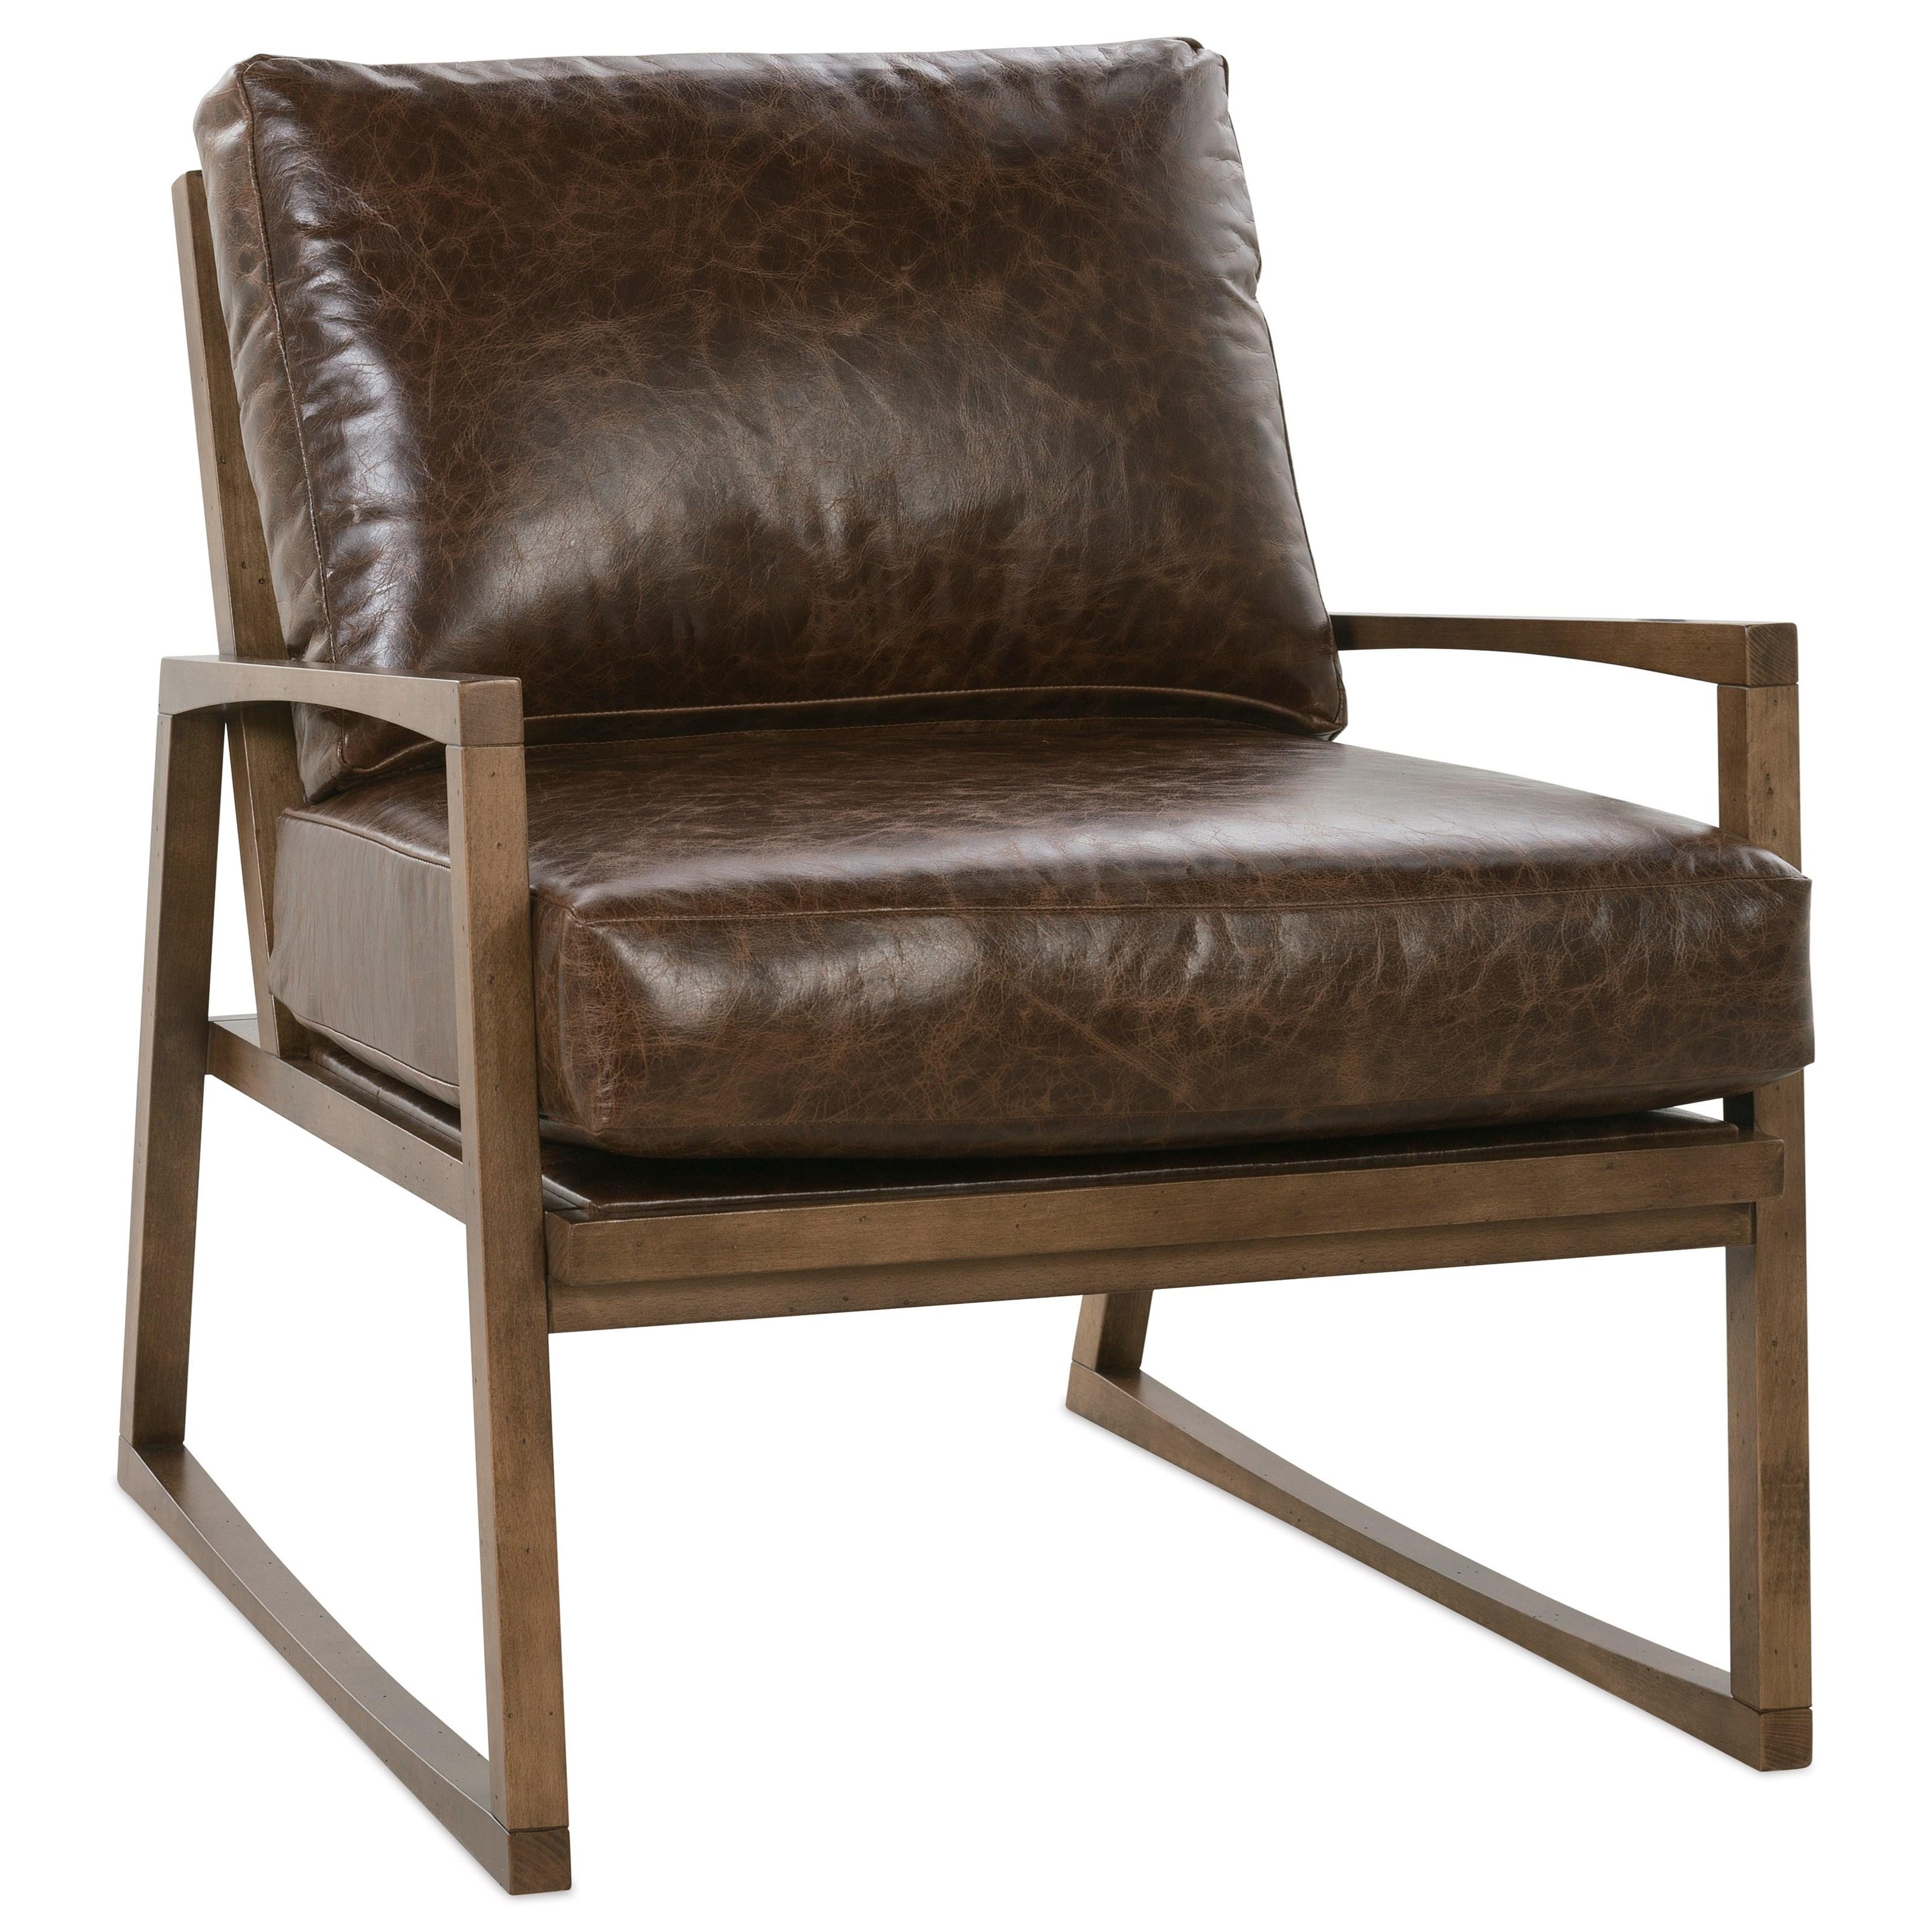 Merveilleux Rowe BeckettModern Chair ...